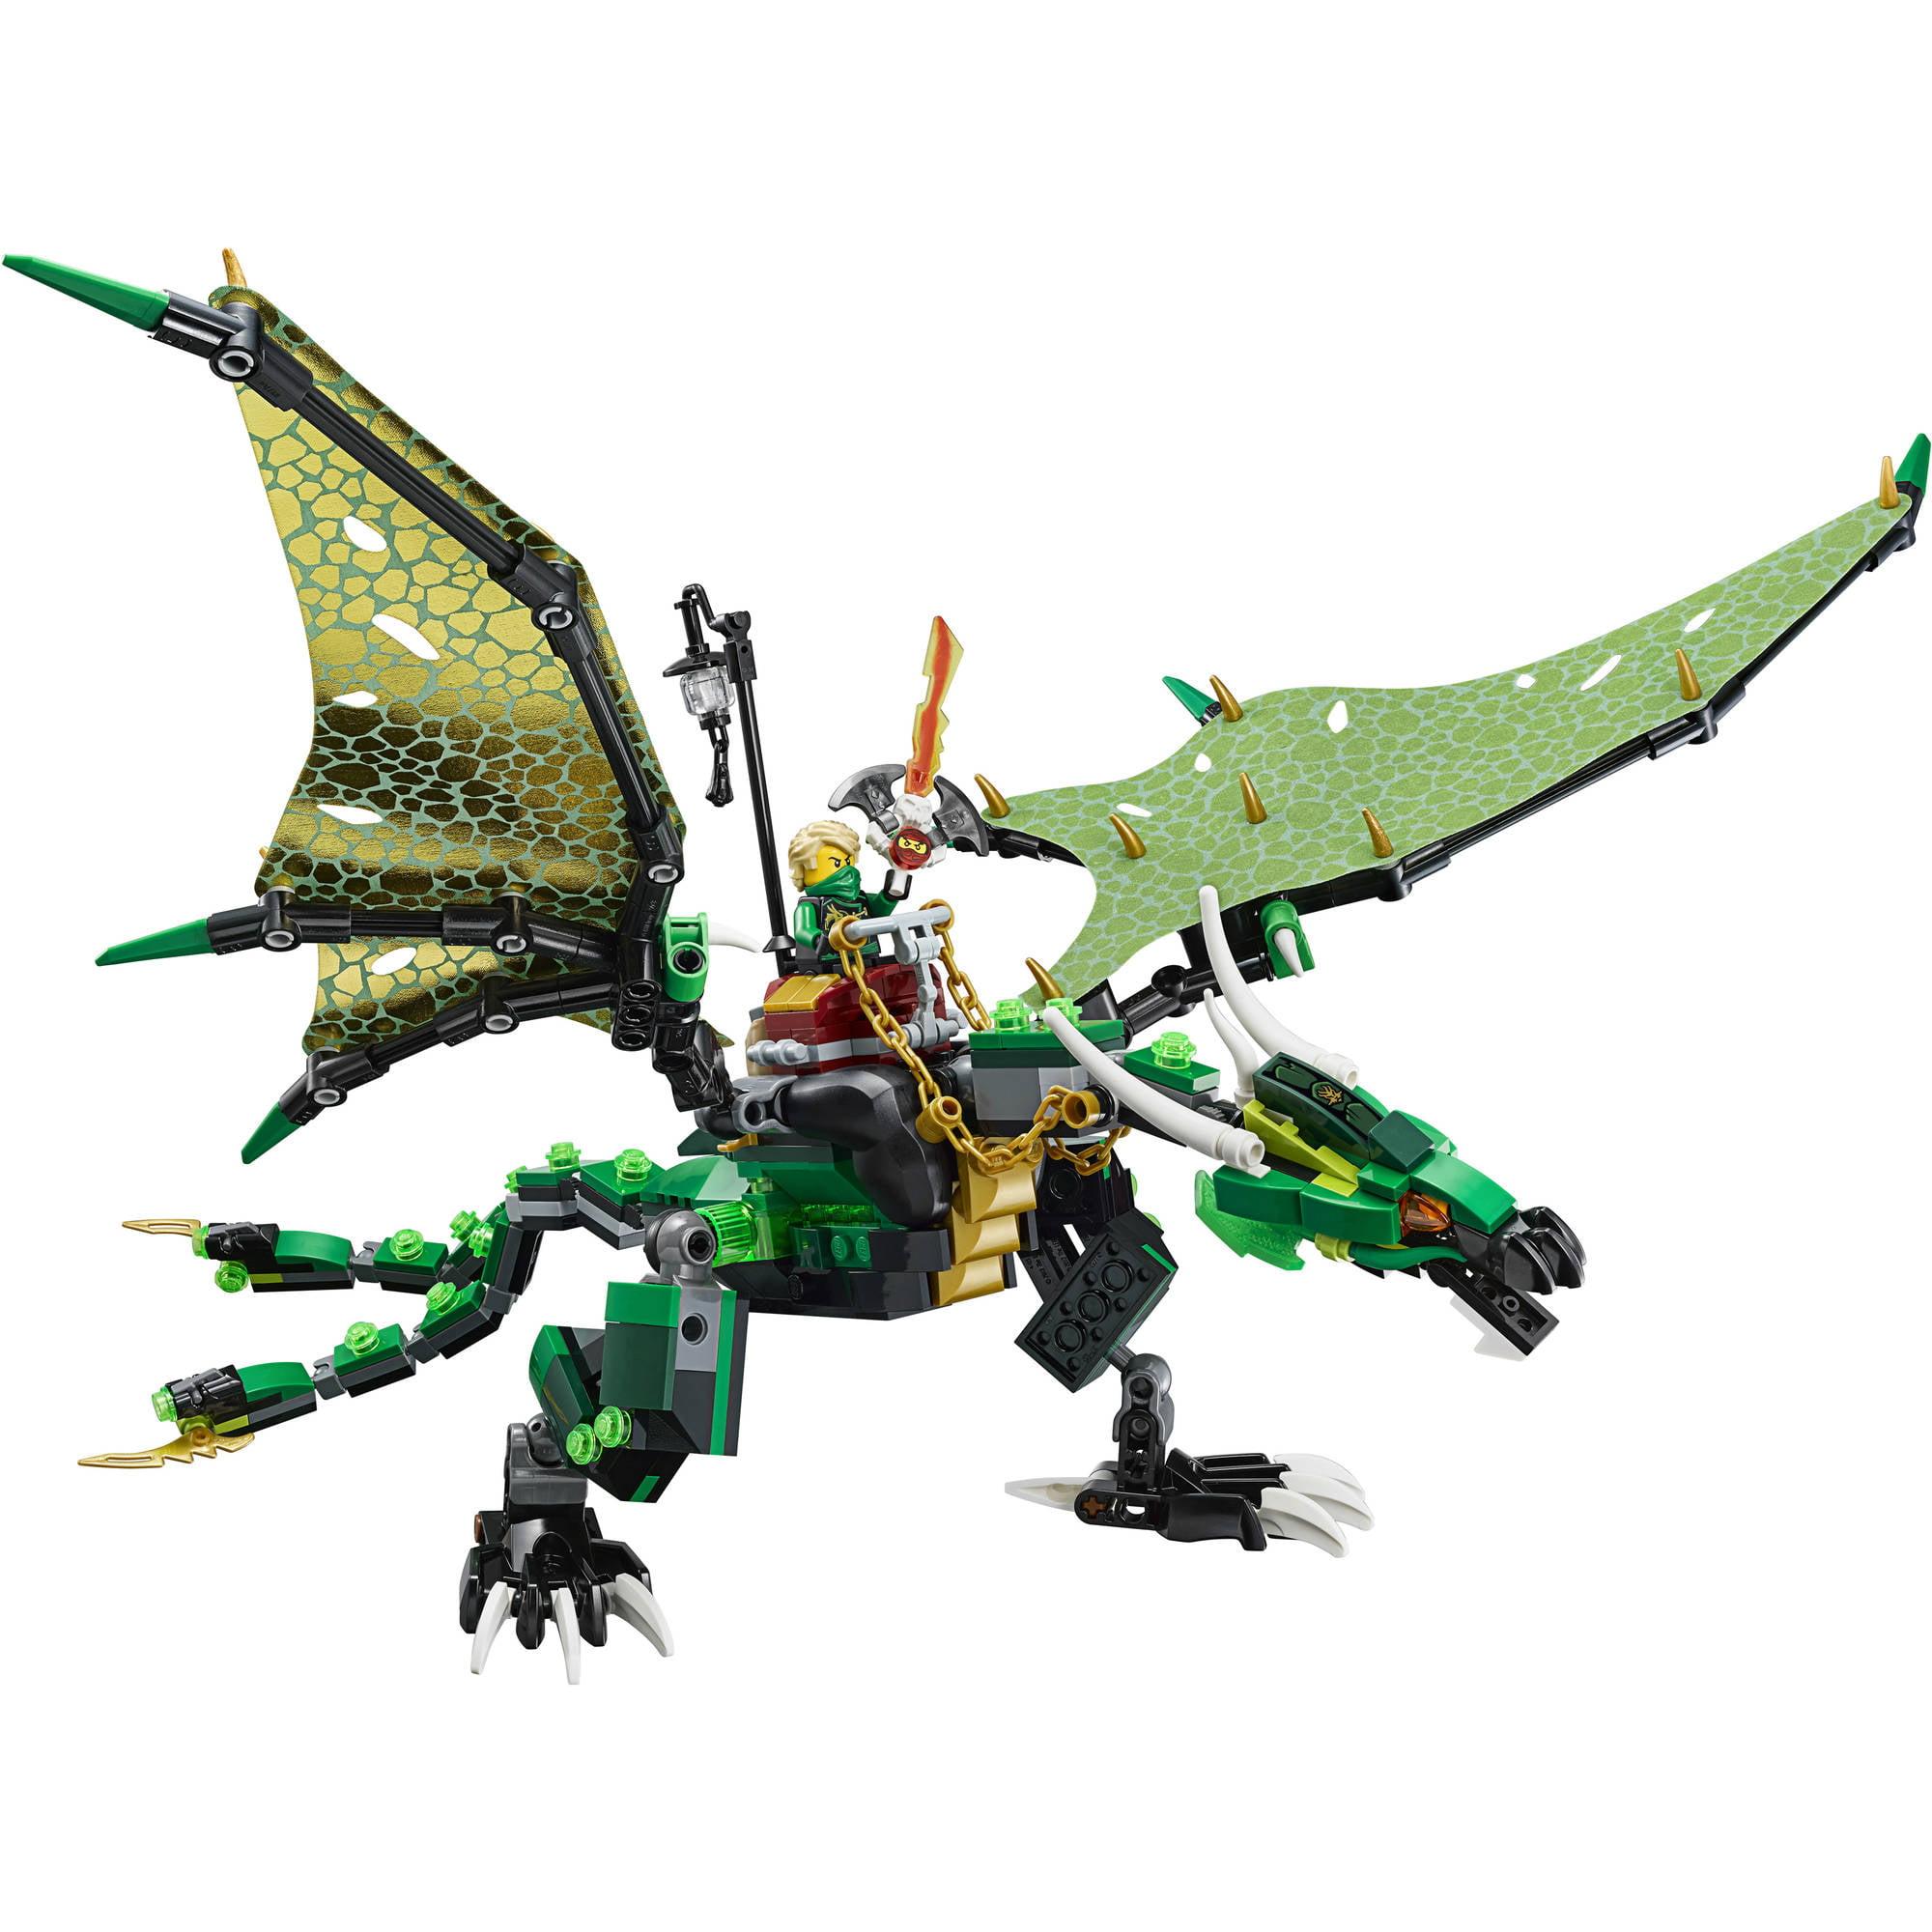 Lego Ninjago Dragon LEGO NINJAGO The Green...